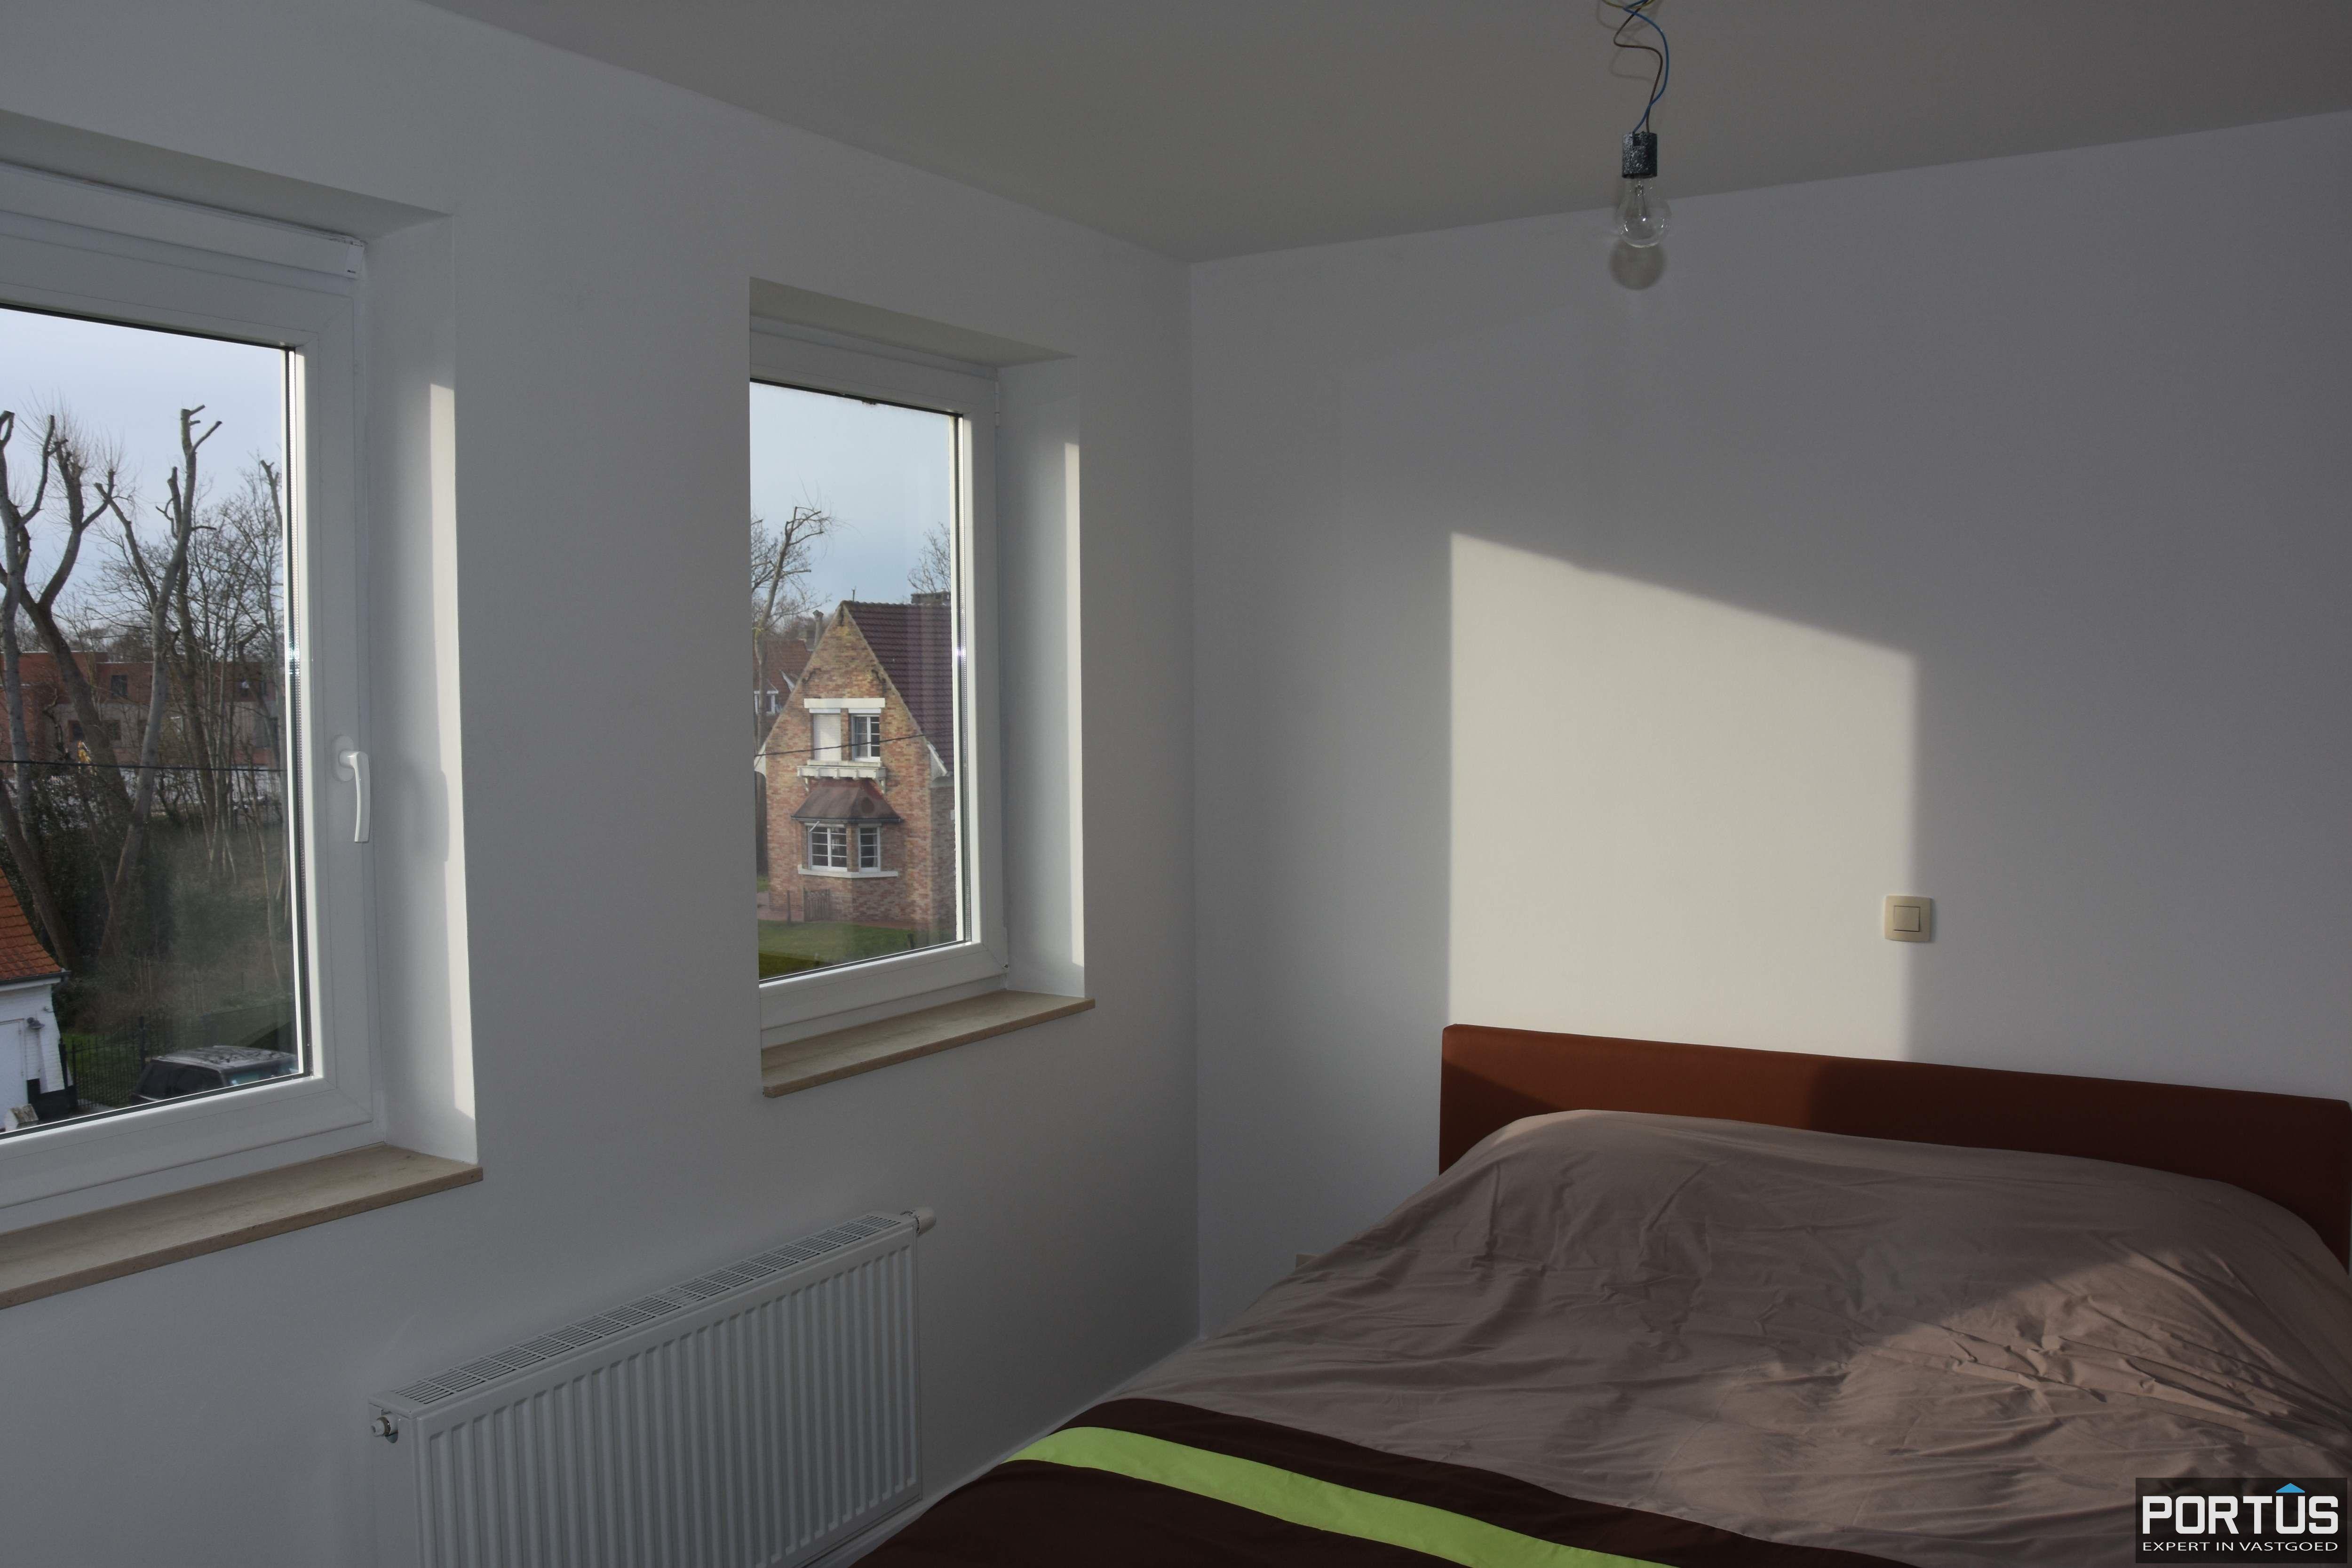 Appartement Residentie Villa Crombez Nieuwpoort - 12186